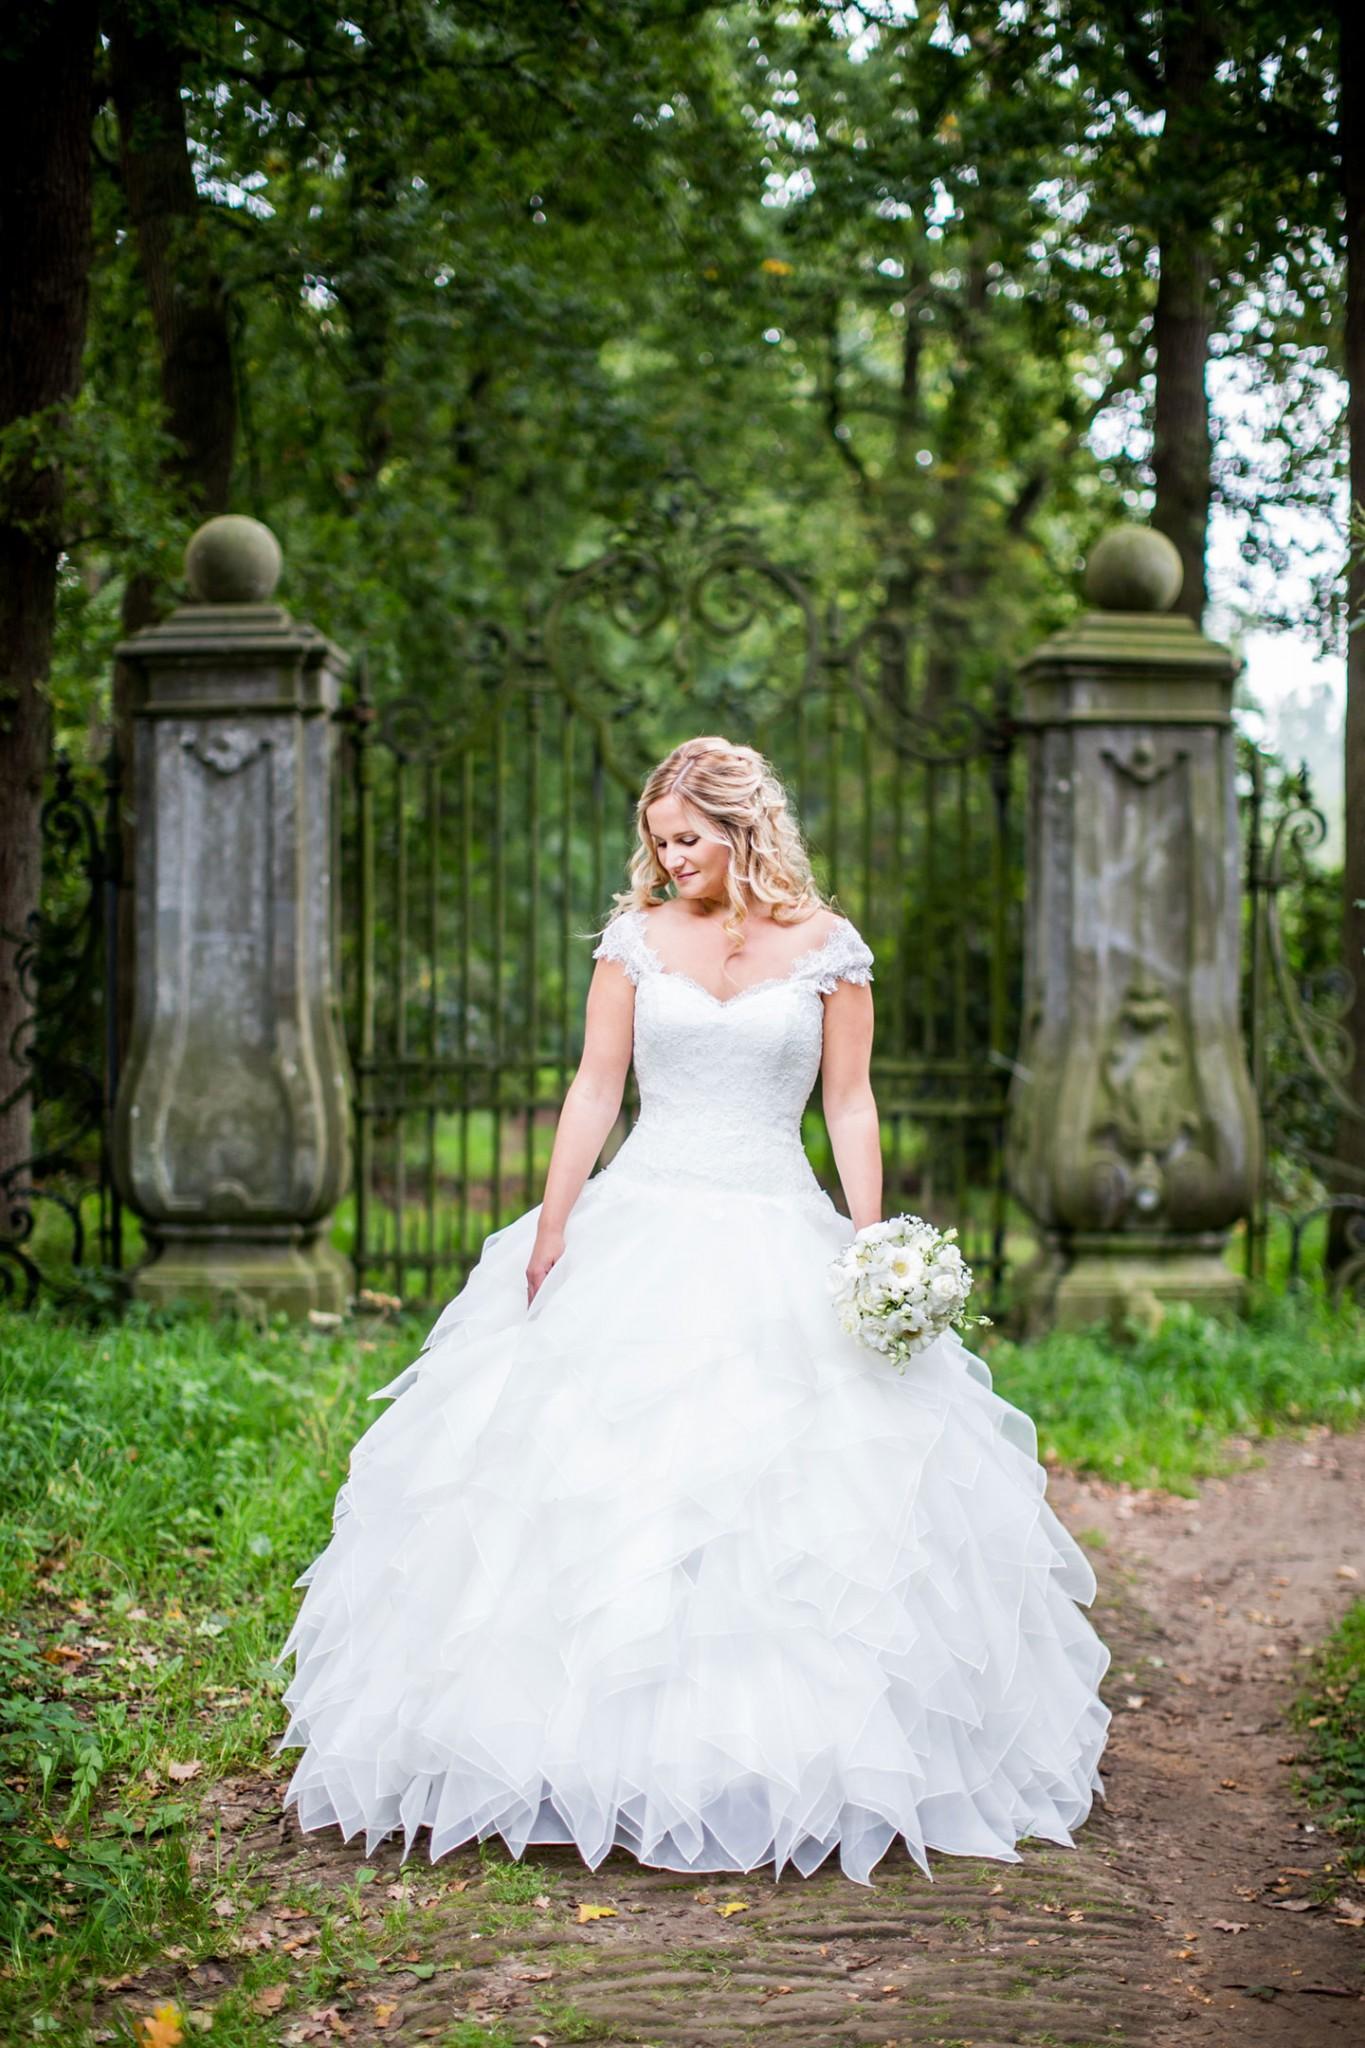 21-Kasteel-Heeswijk-bruidsfotografie-trouwfotograaf